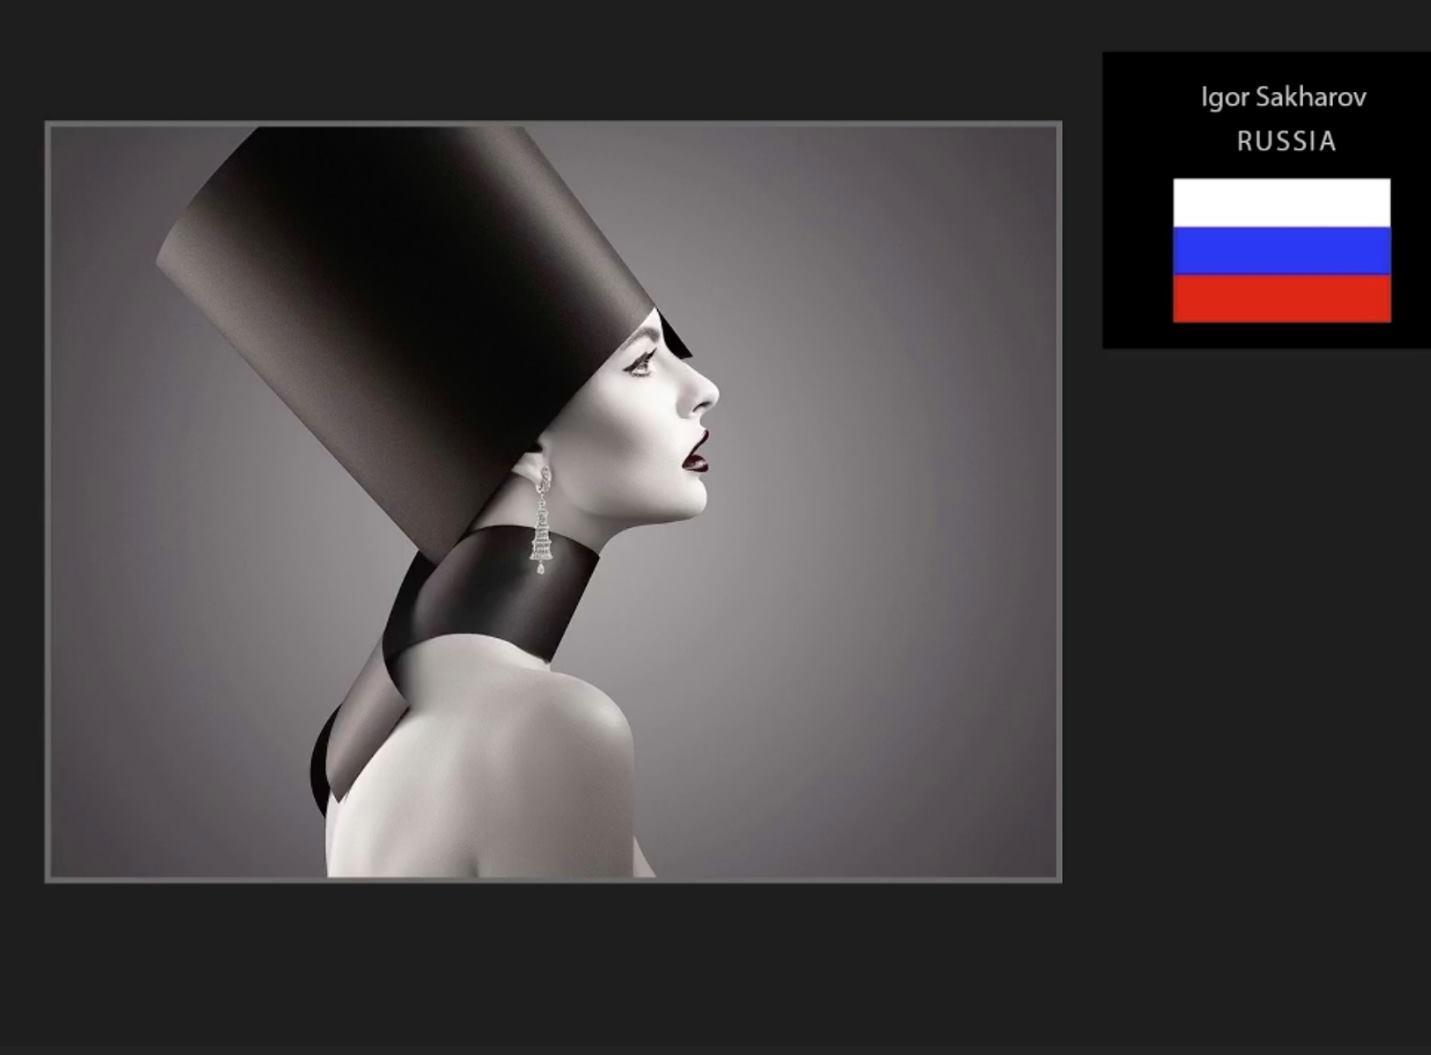 Фото Игоря Сахарова